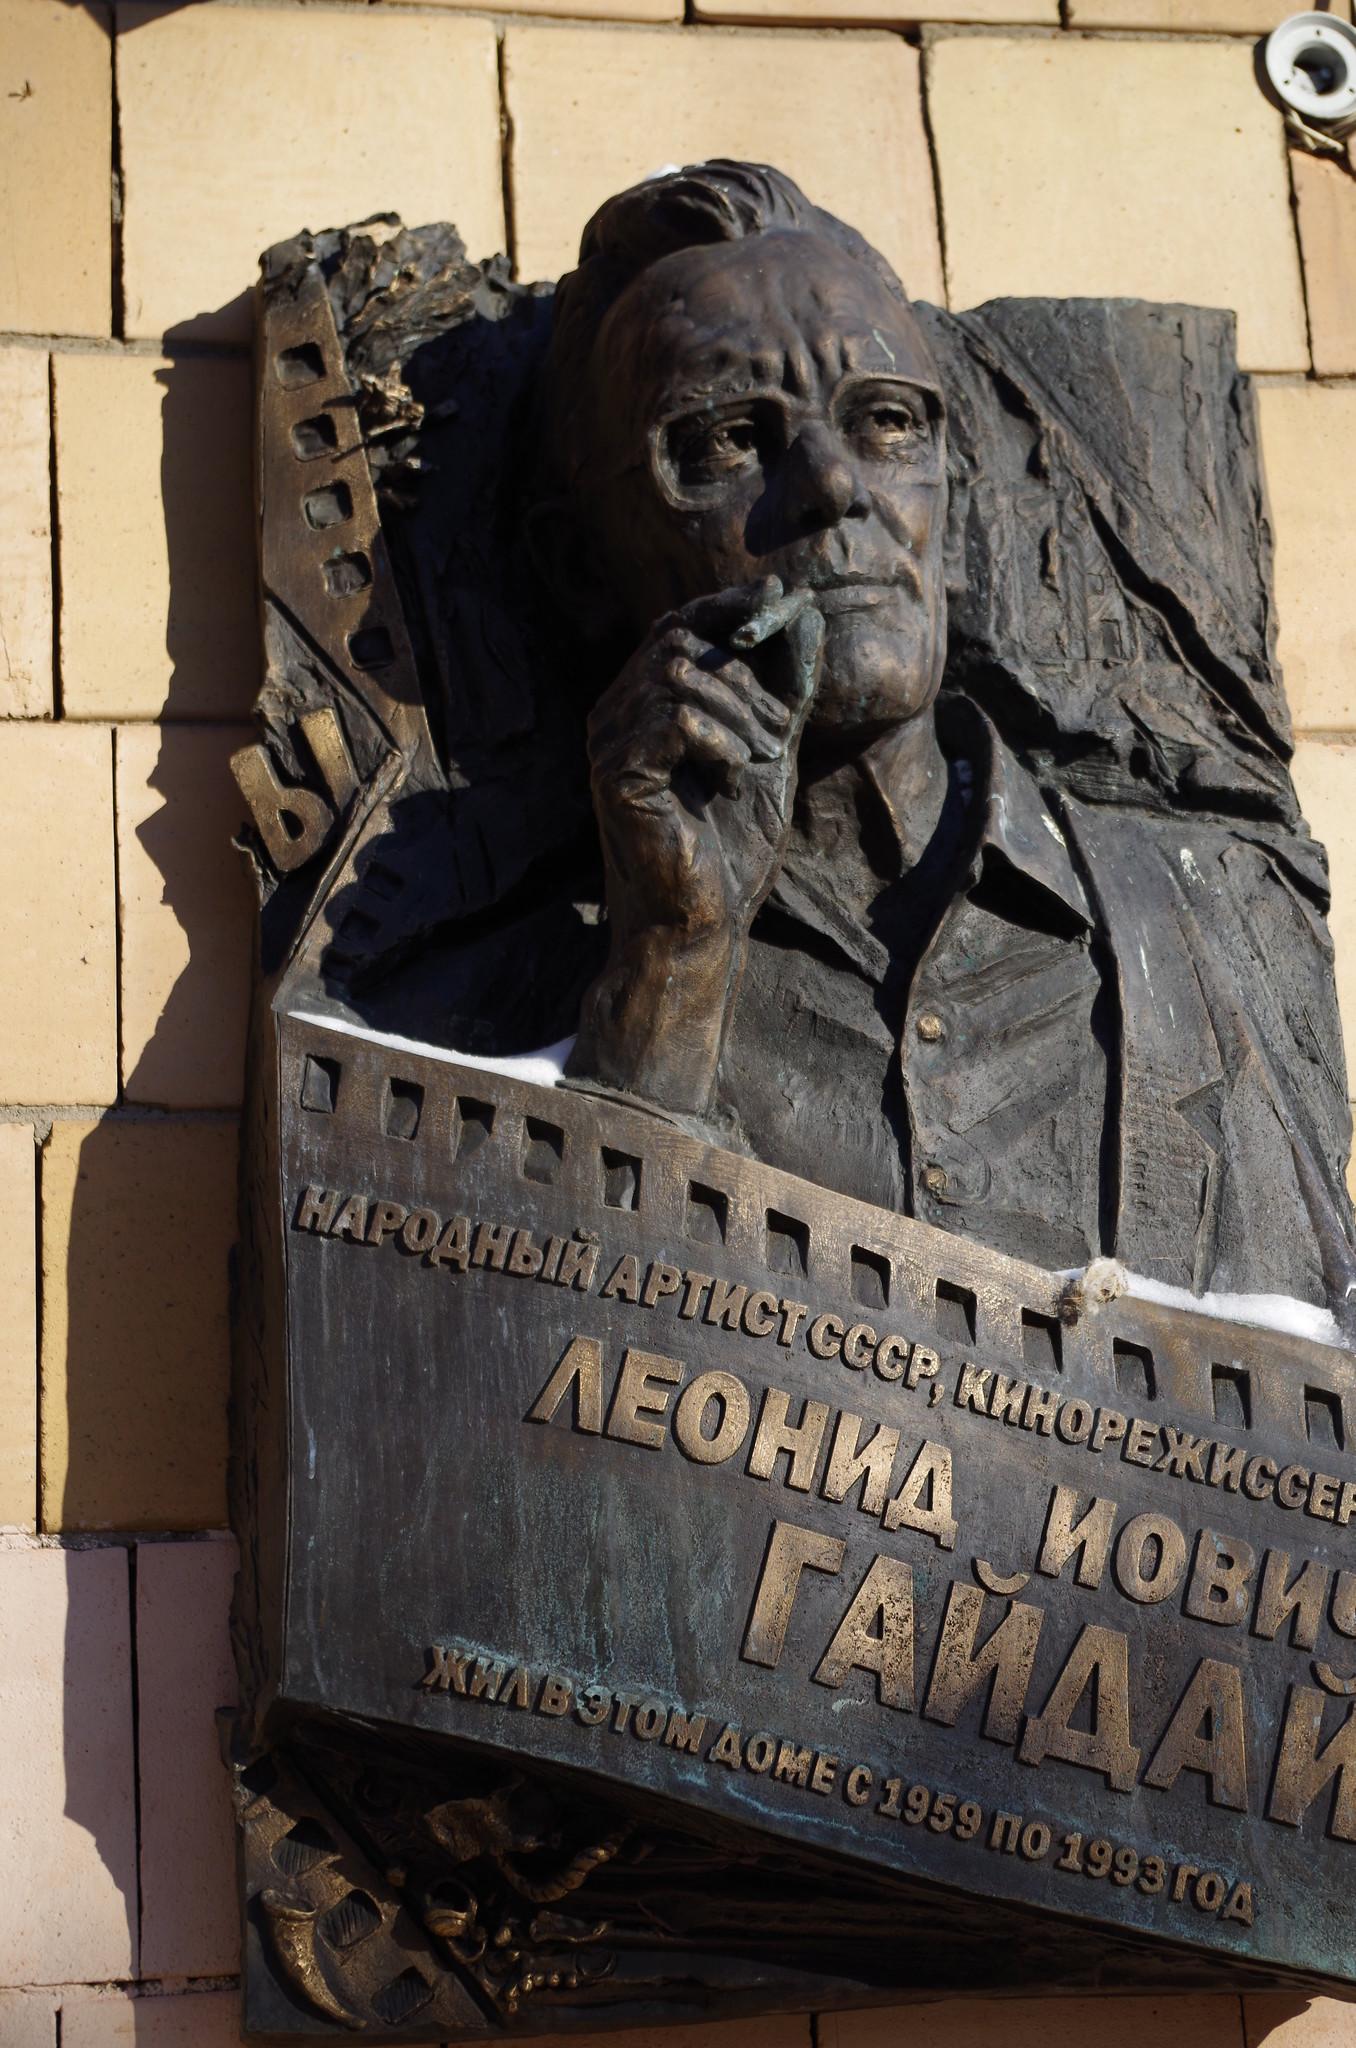 Бронзовый барельеф Леонида Иовича Гайдая на стене дома, в котором жил режиссёр (улица Черняховского, дом 5, корпус 1)